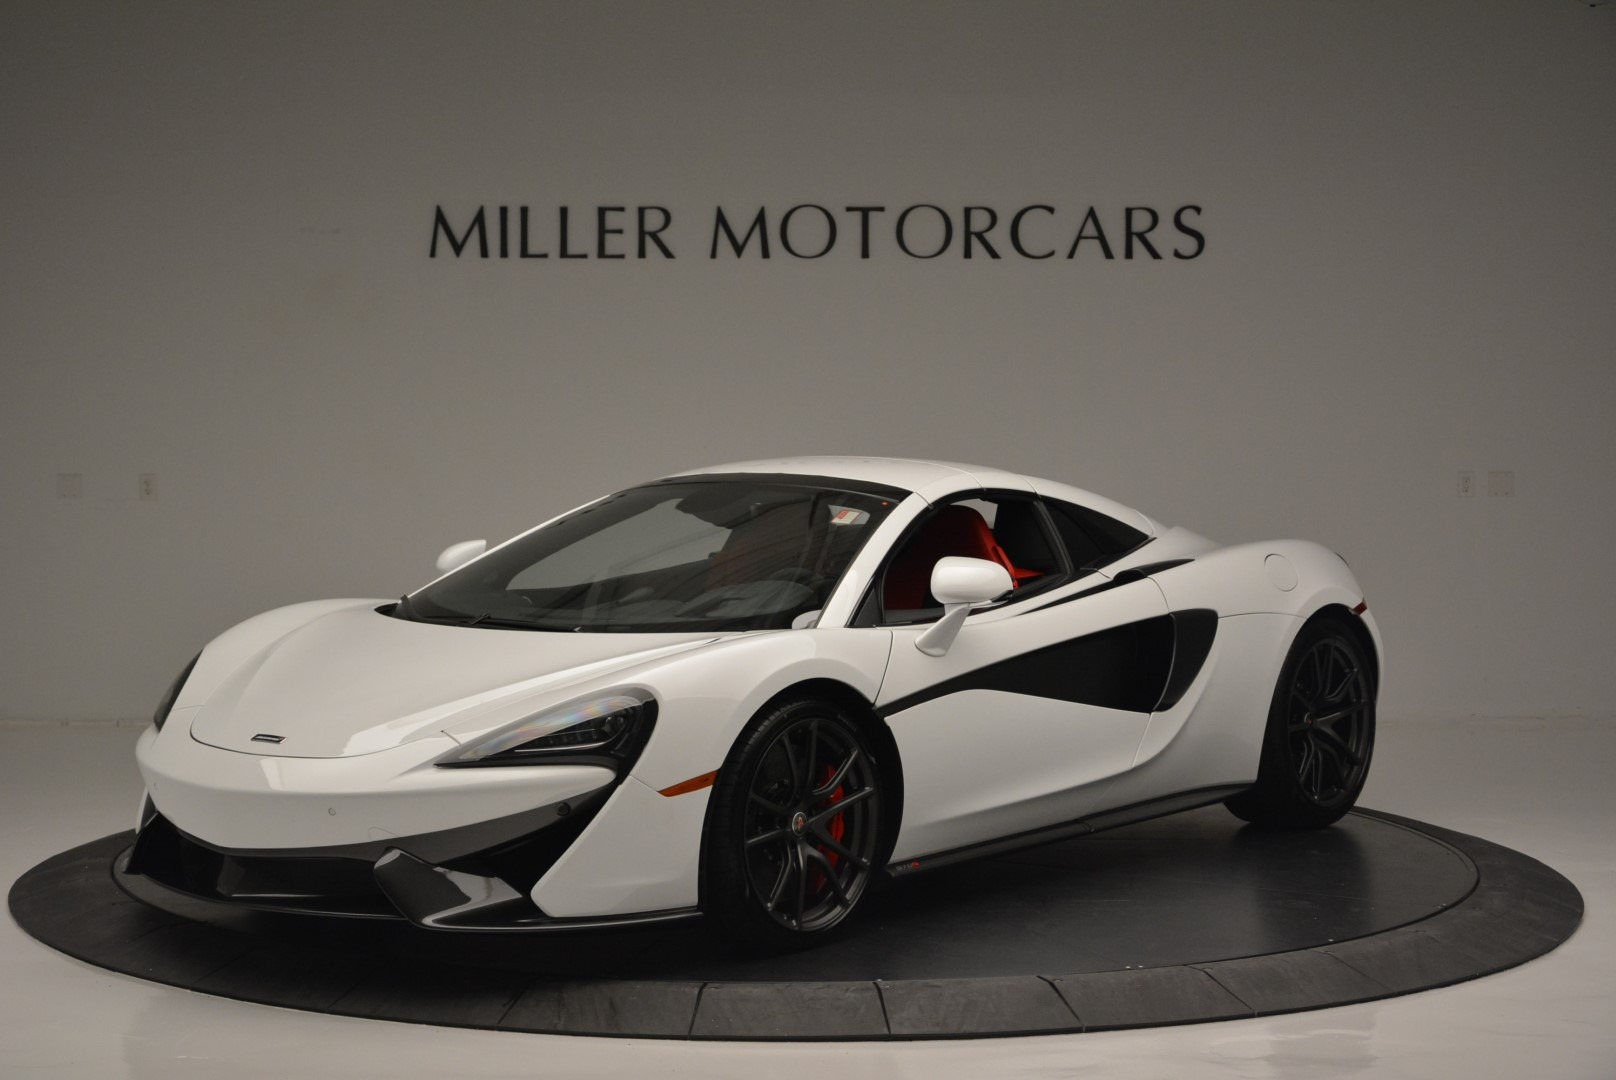 Used 2018 McLaren 570S Spider For Sale In Westport, CT 2341_p14